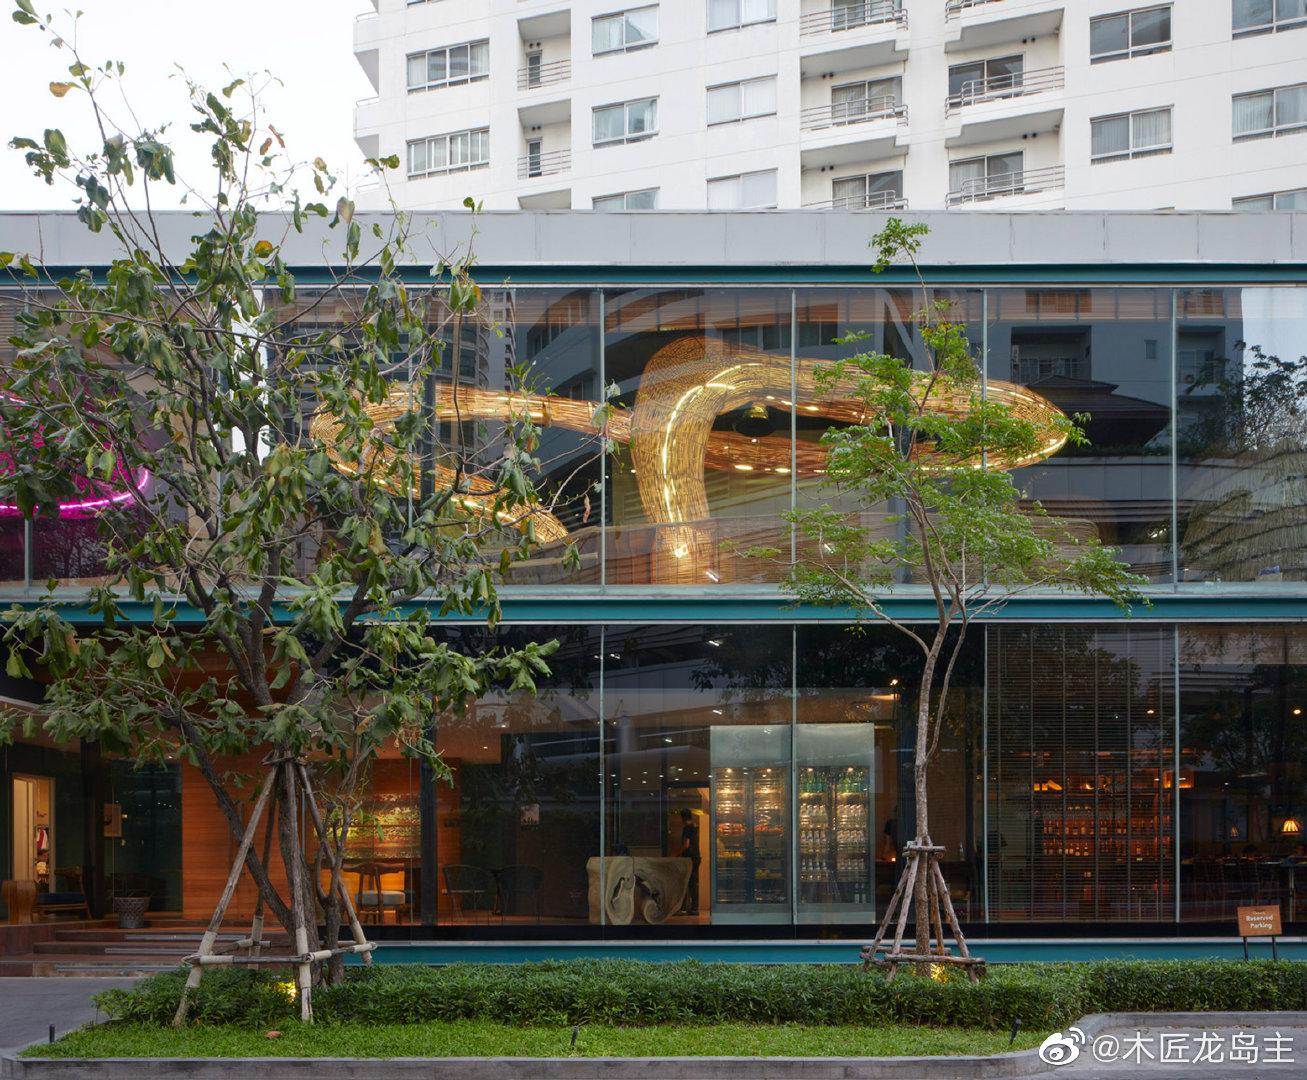 """藤条瑜伽馆为曼谷的工作室创造了""""迷人的宁静空间""""  泰国建筑工作"""